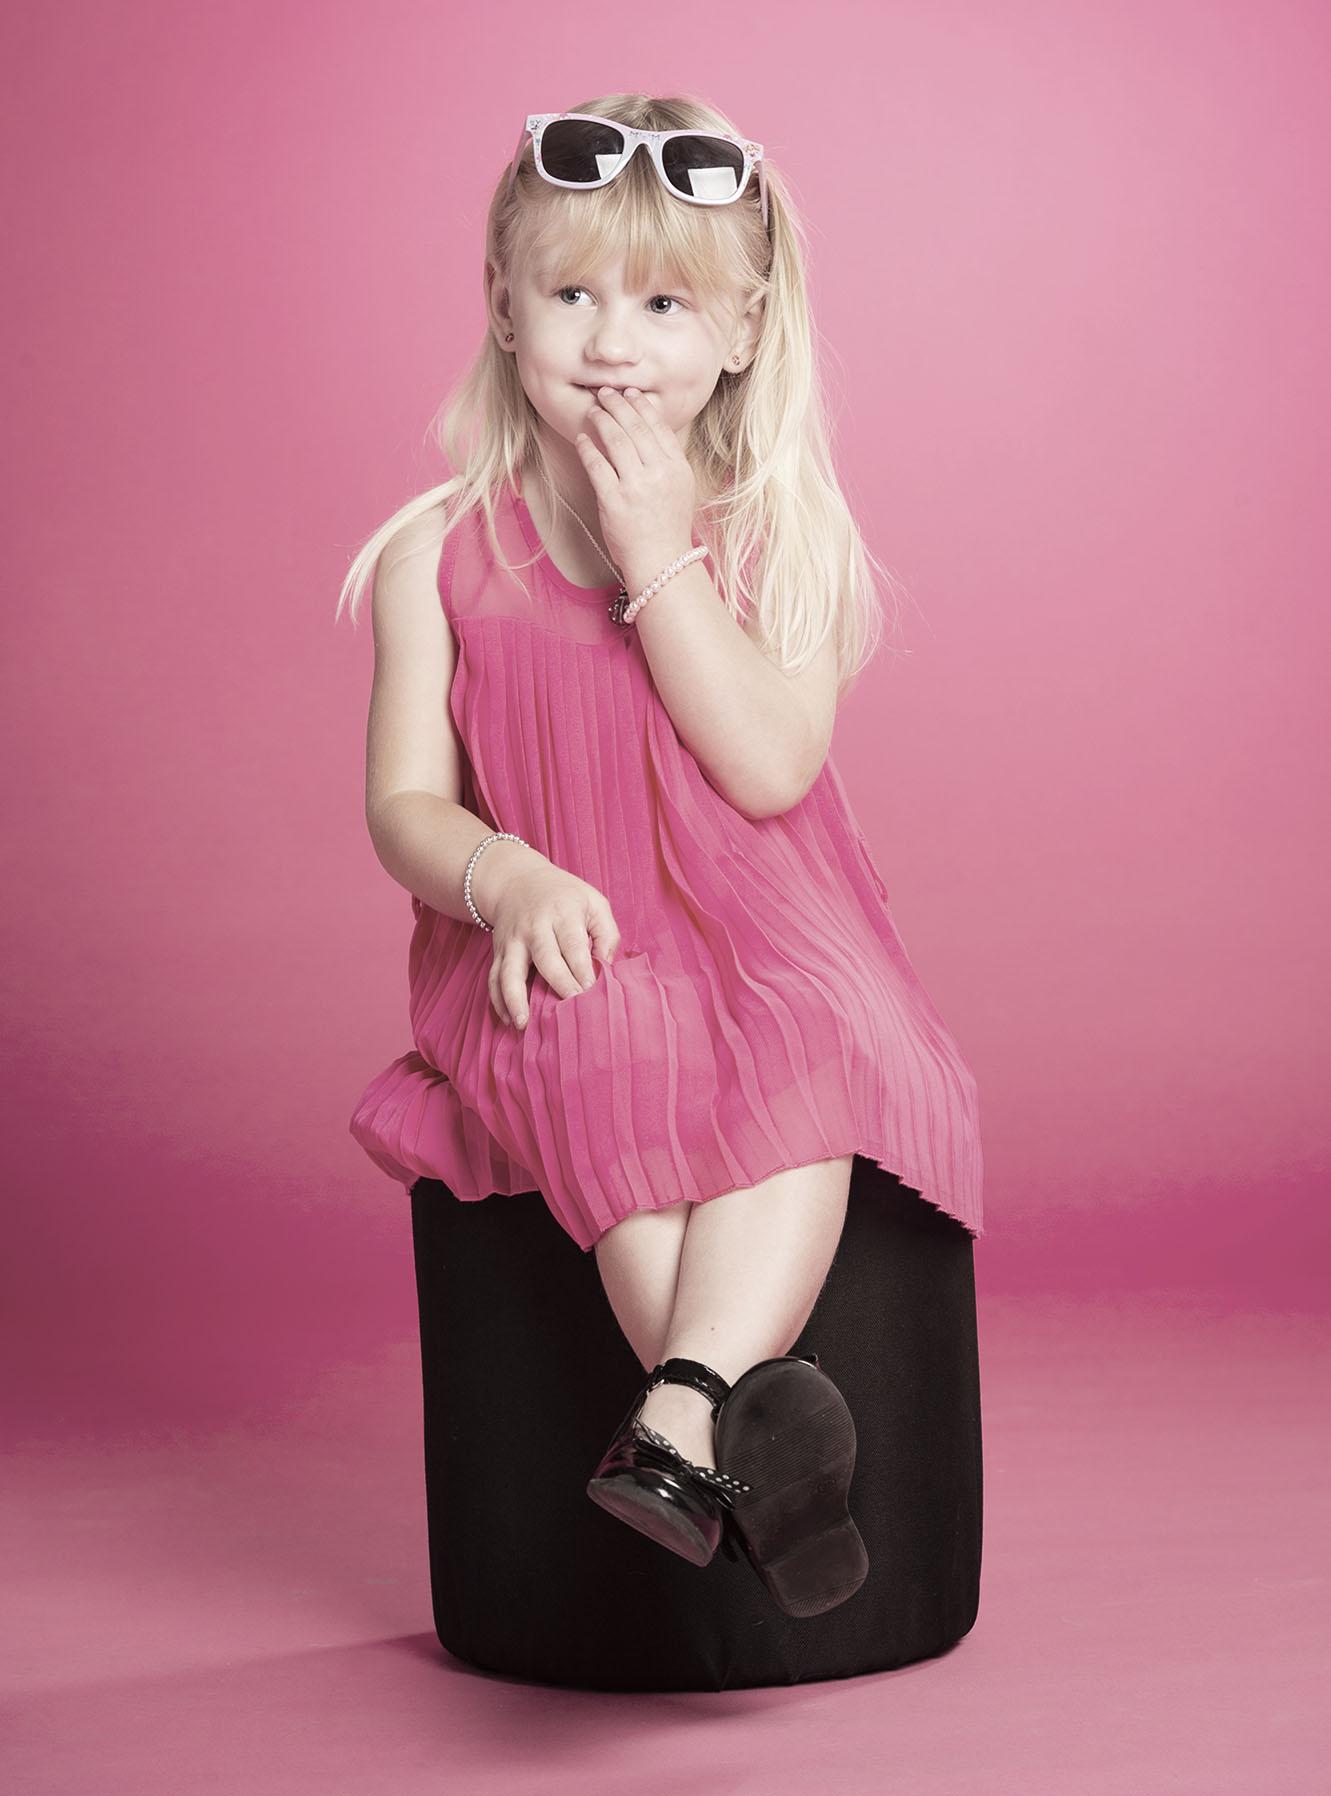 Kinderfoto-Traunstein-Stadler-Studio-Maedchen-Rosa-002